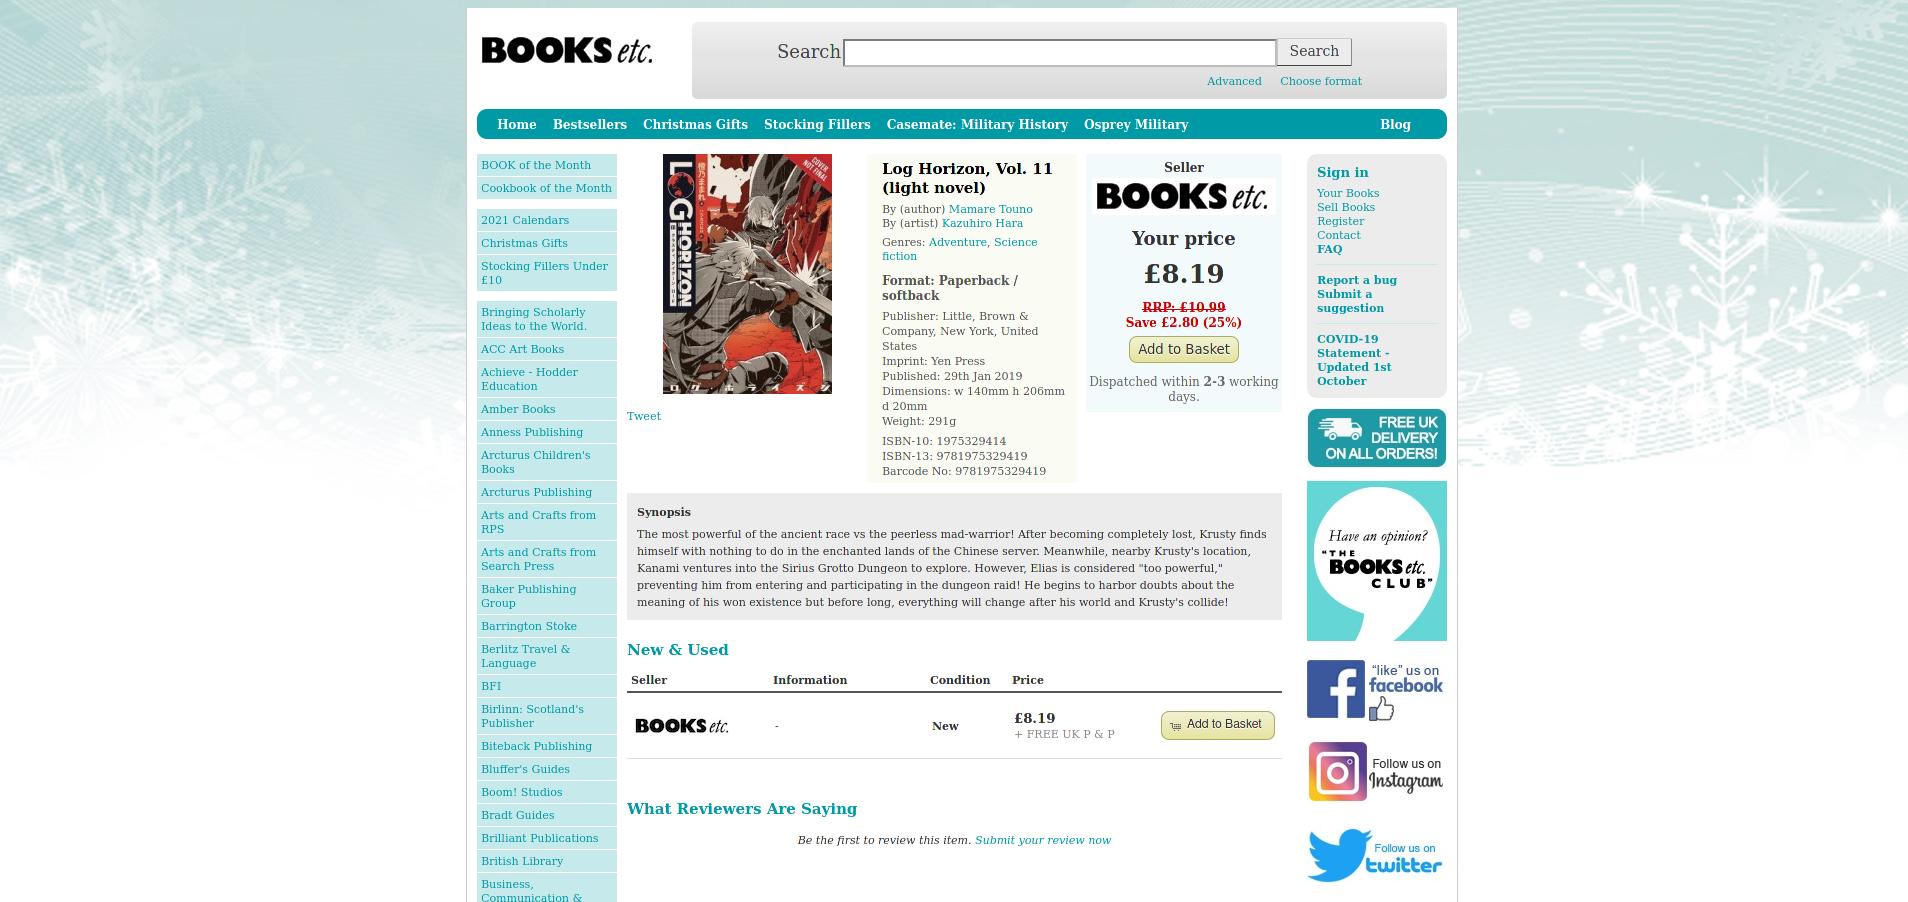 Ein screenshot aus dem Shop von Books etc. Hier zu sehen Log Horizon Band 11.